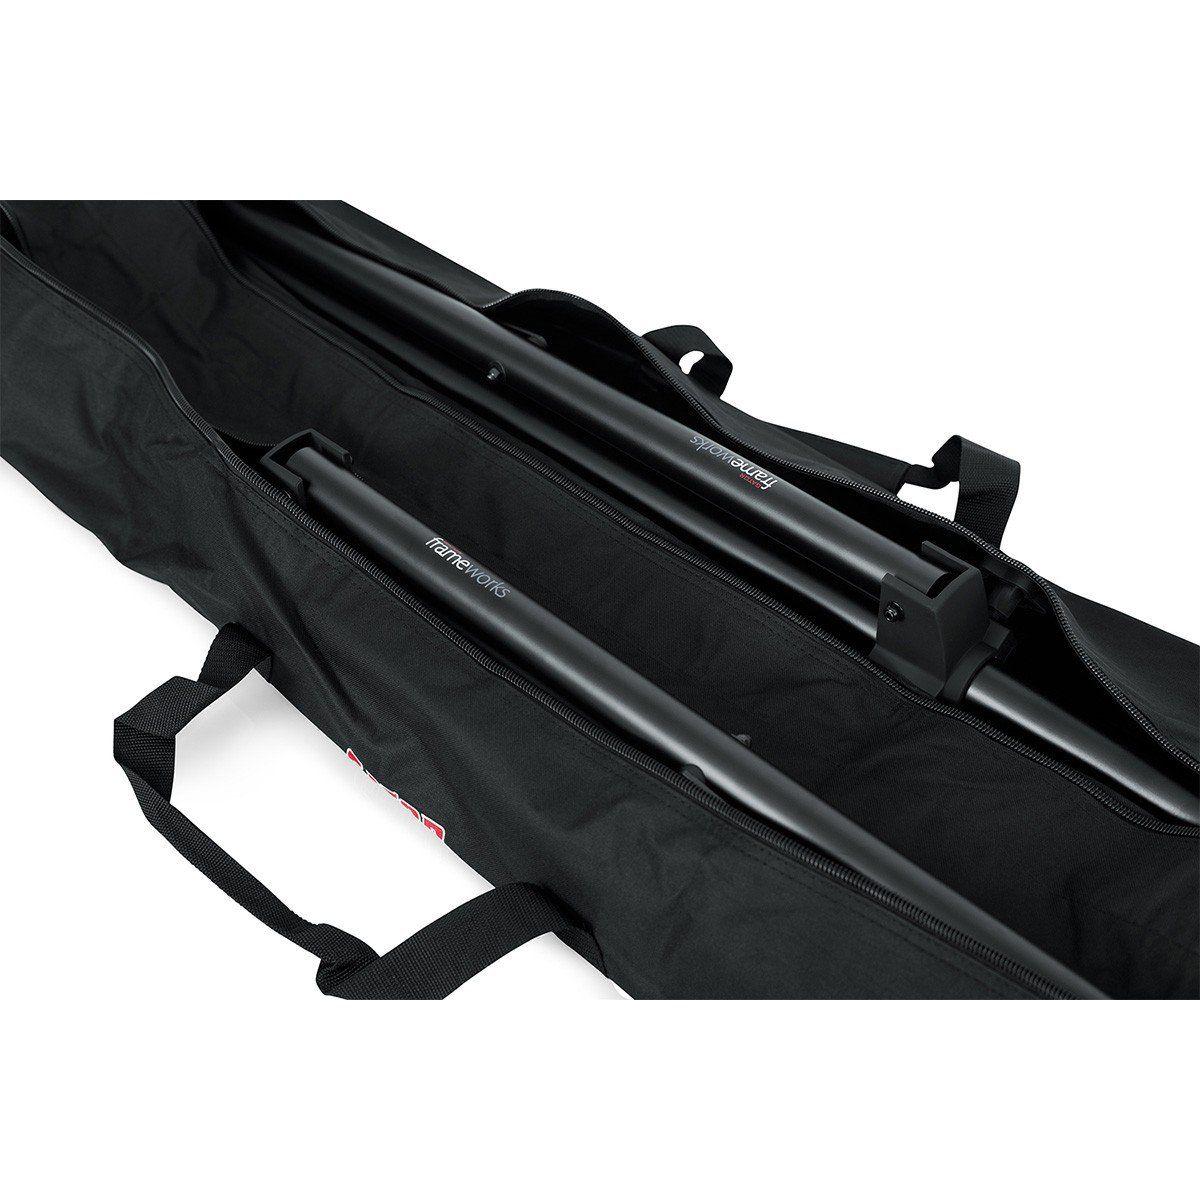 Gator GPA-Spkstdbg-58DLX Bag Gator GPA Spkstdbg 58DLX para 2 Tripés de Caixa de Som